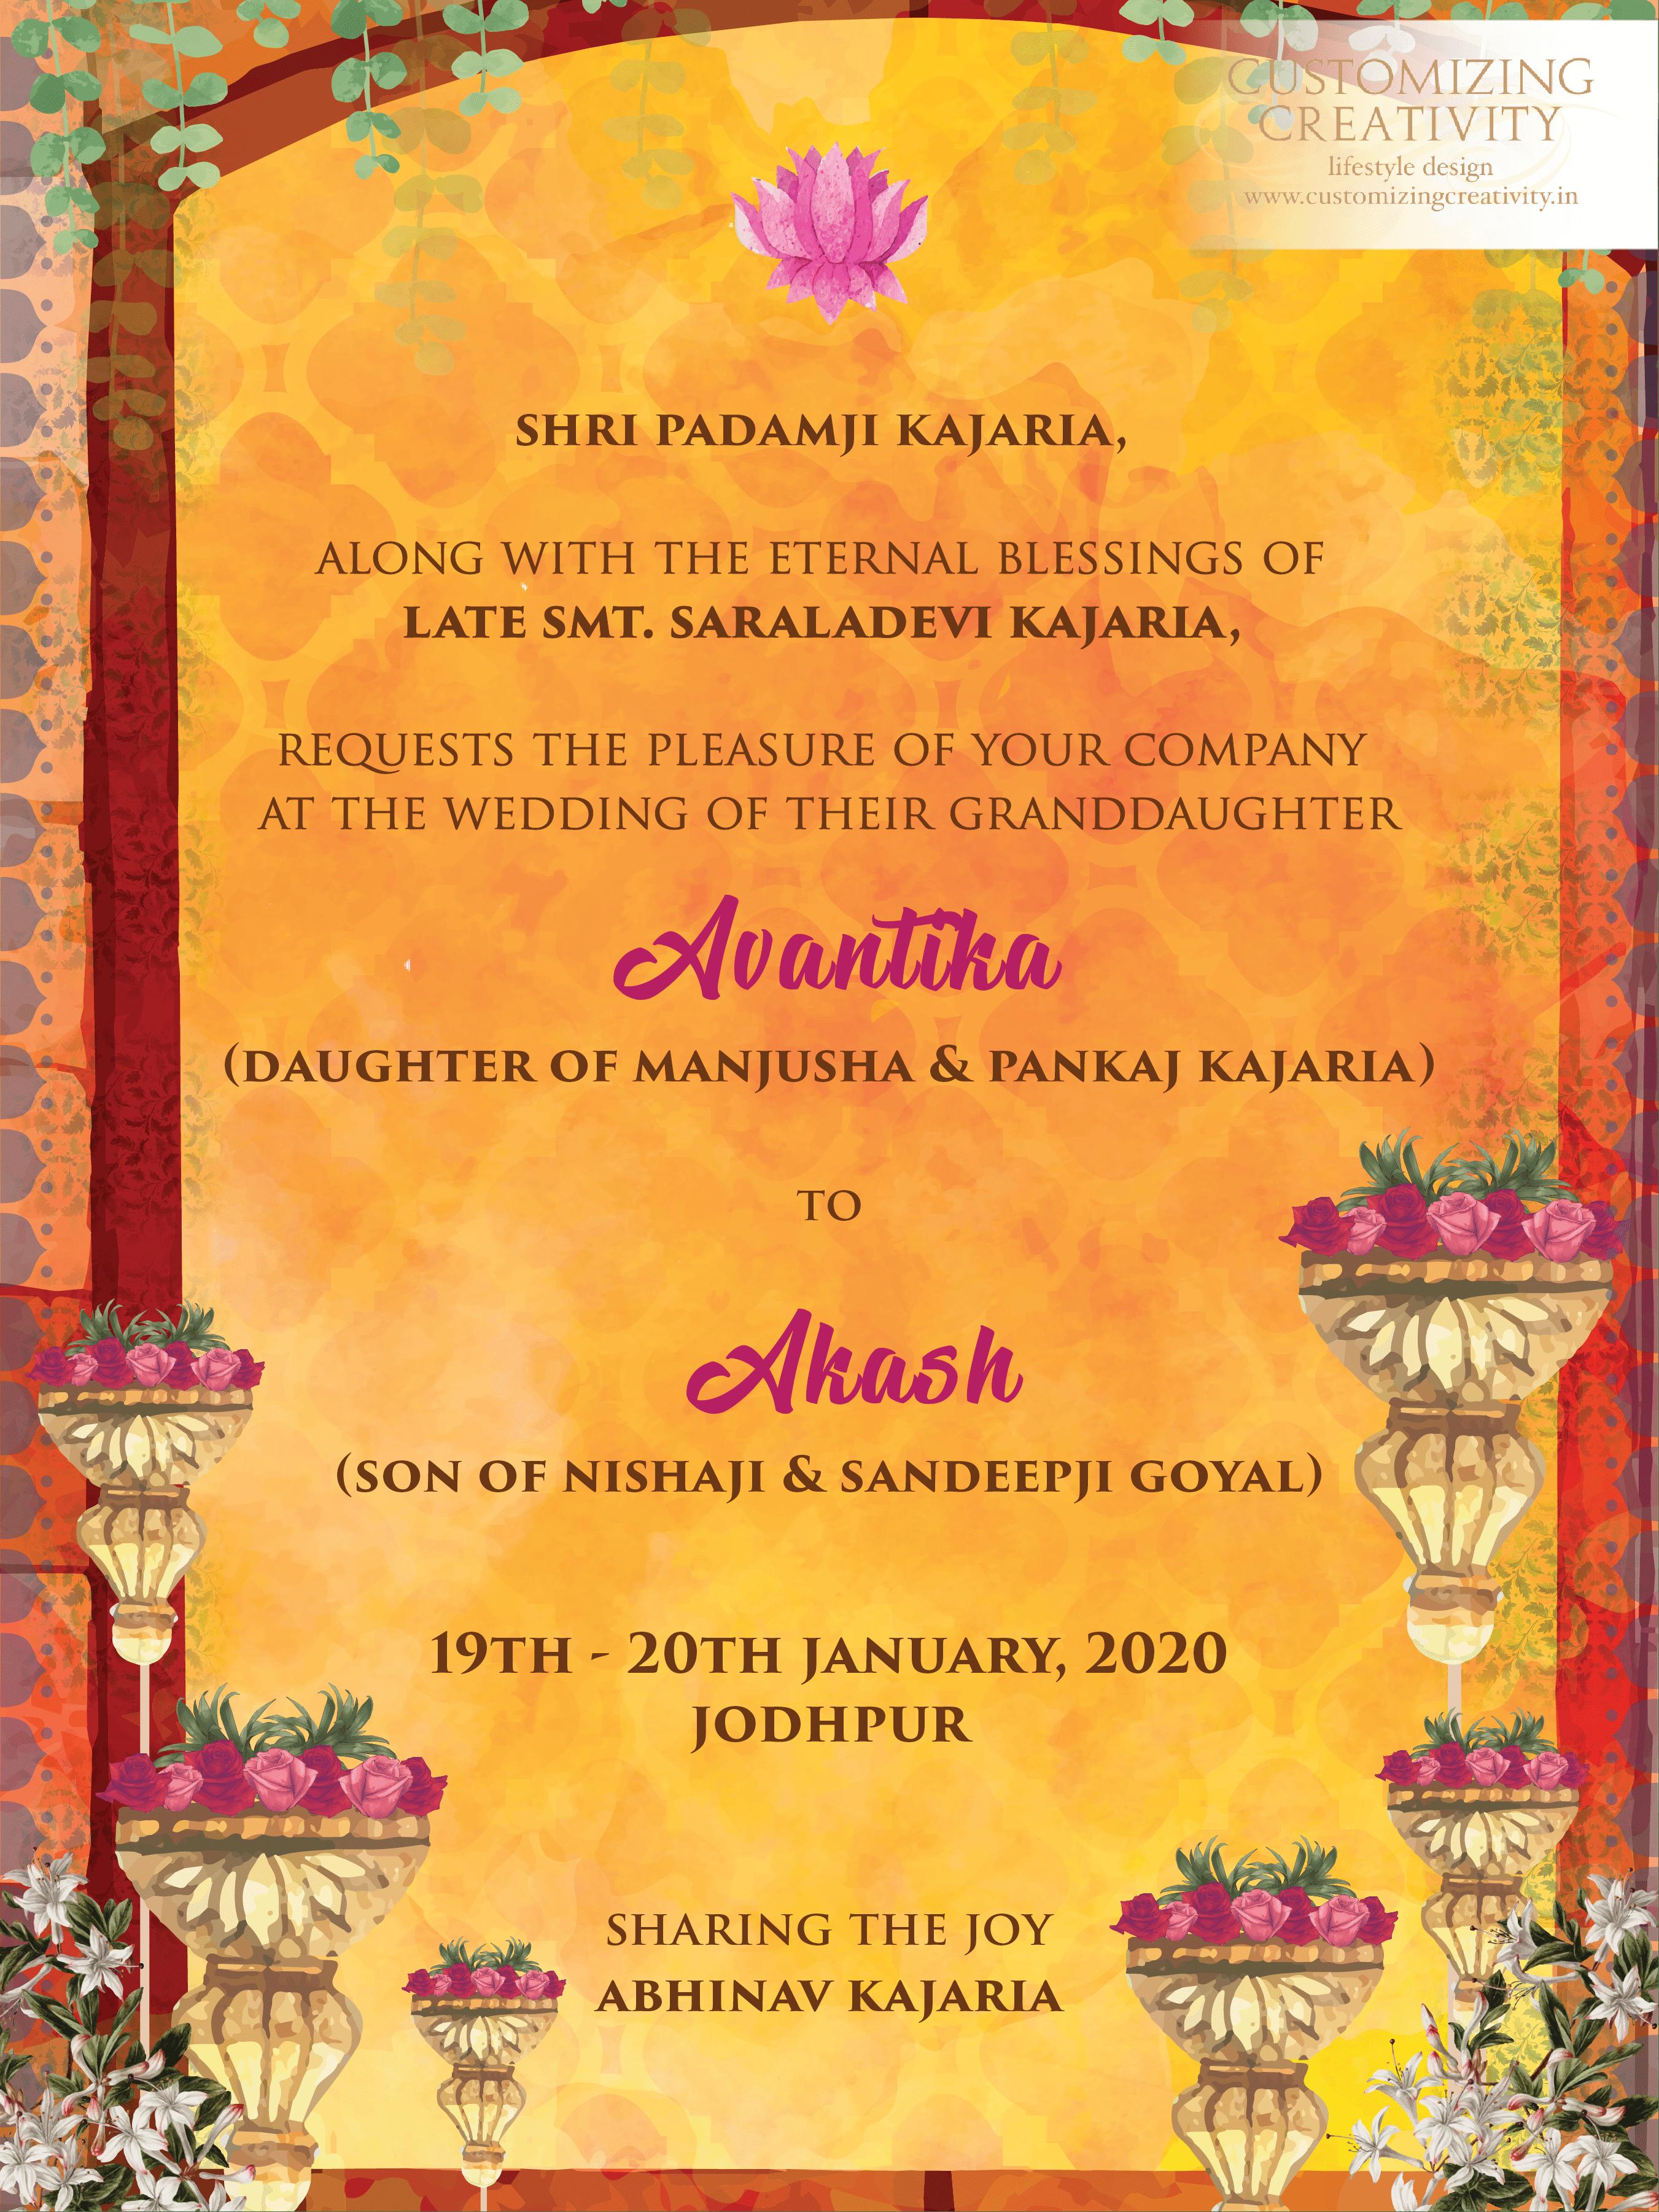 Digital Invites Evite Designs Eversion E Vite E Cards Invites Invitation Cards Simple Wedding Cards Indian Wedding Invitations Modern Wedding Invitations